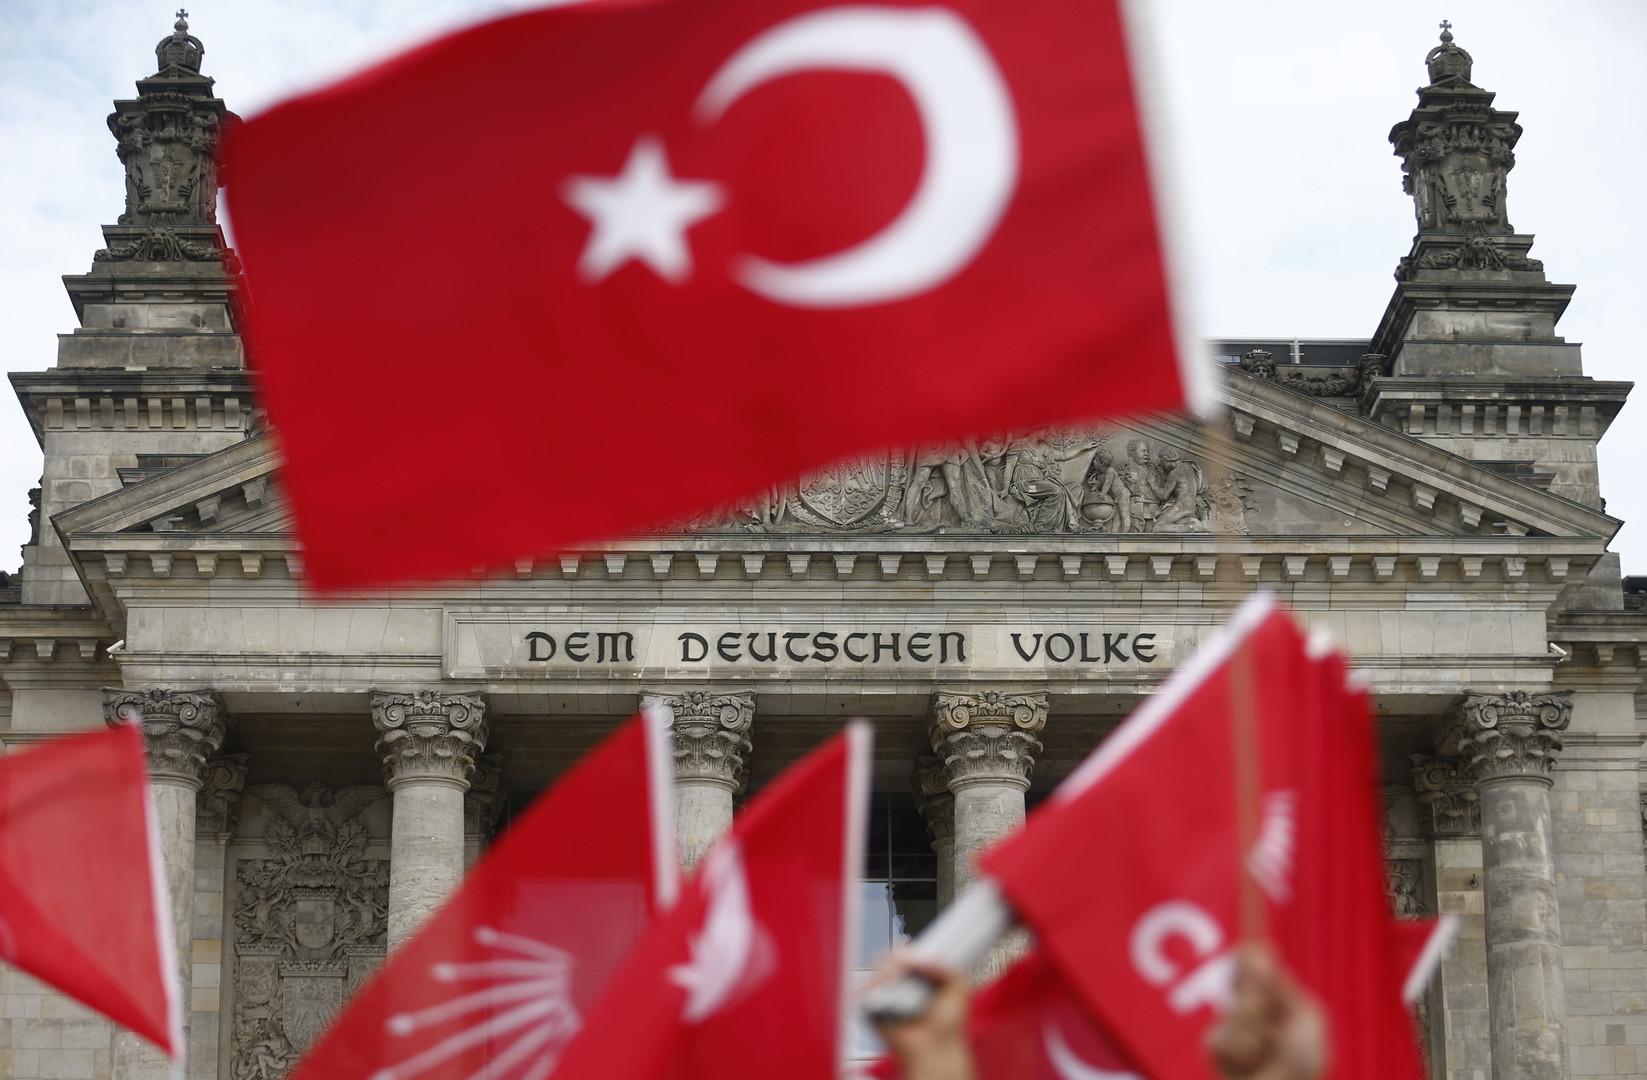 Nach Armenien-Resolution: Türkei zieht Botschafter aus Deutschland ab